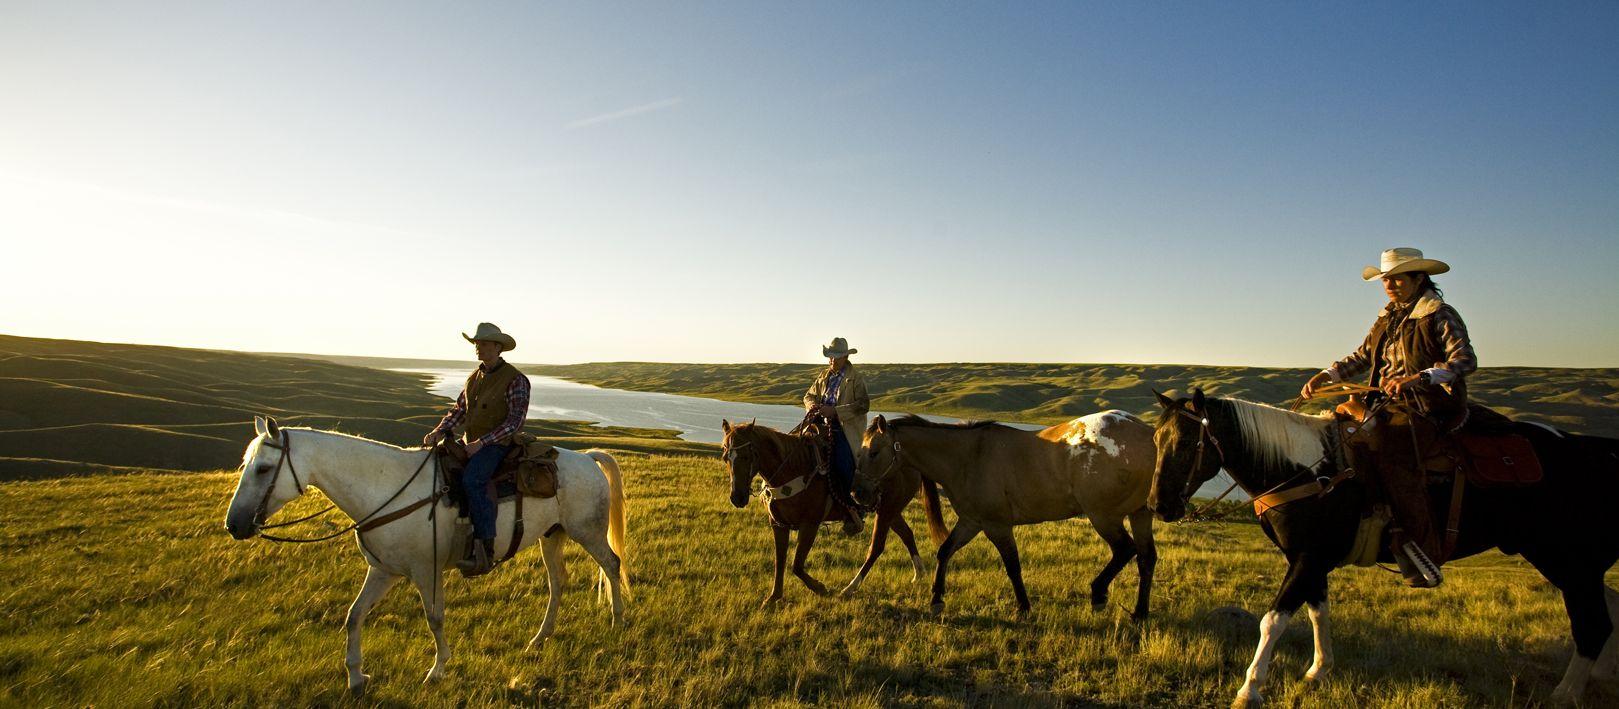 La Reata Ranch - Cowboys